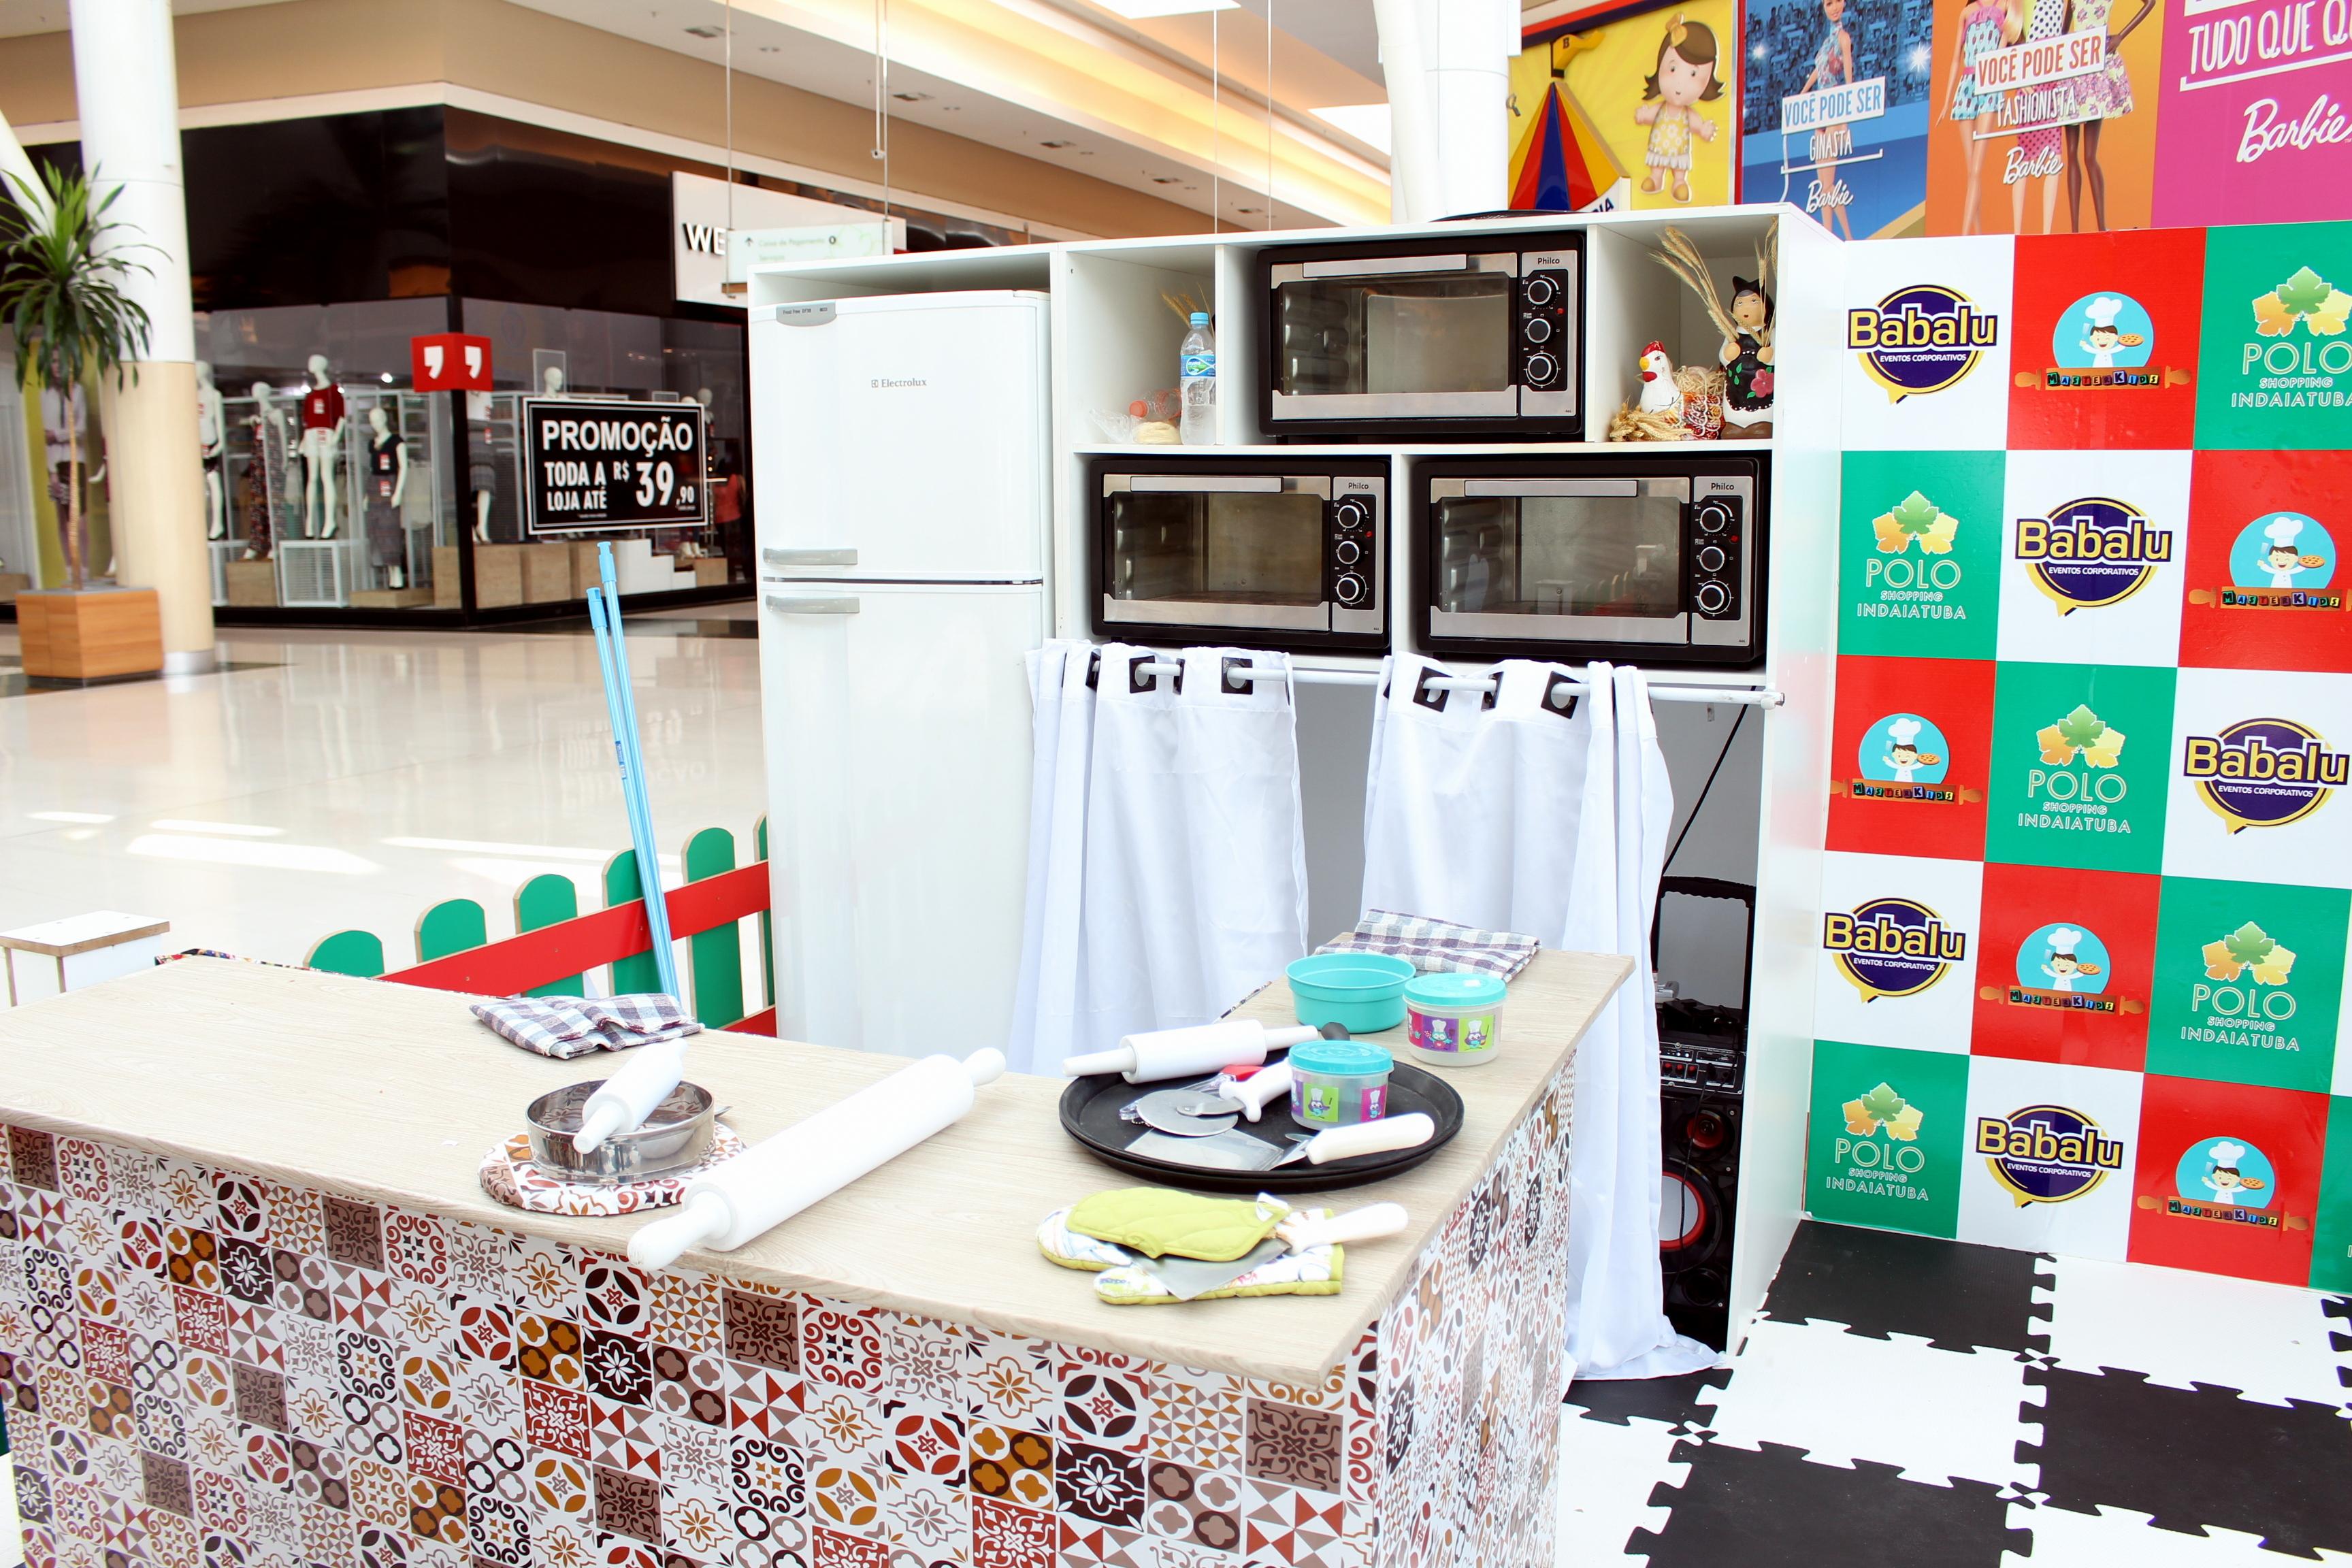 Polo shopping oferece oficina de cozinha para crian as for Caixa horario oficinas